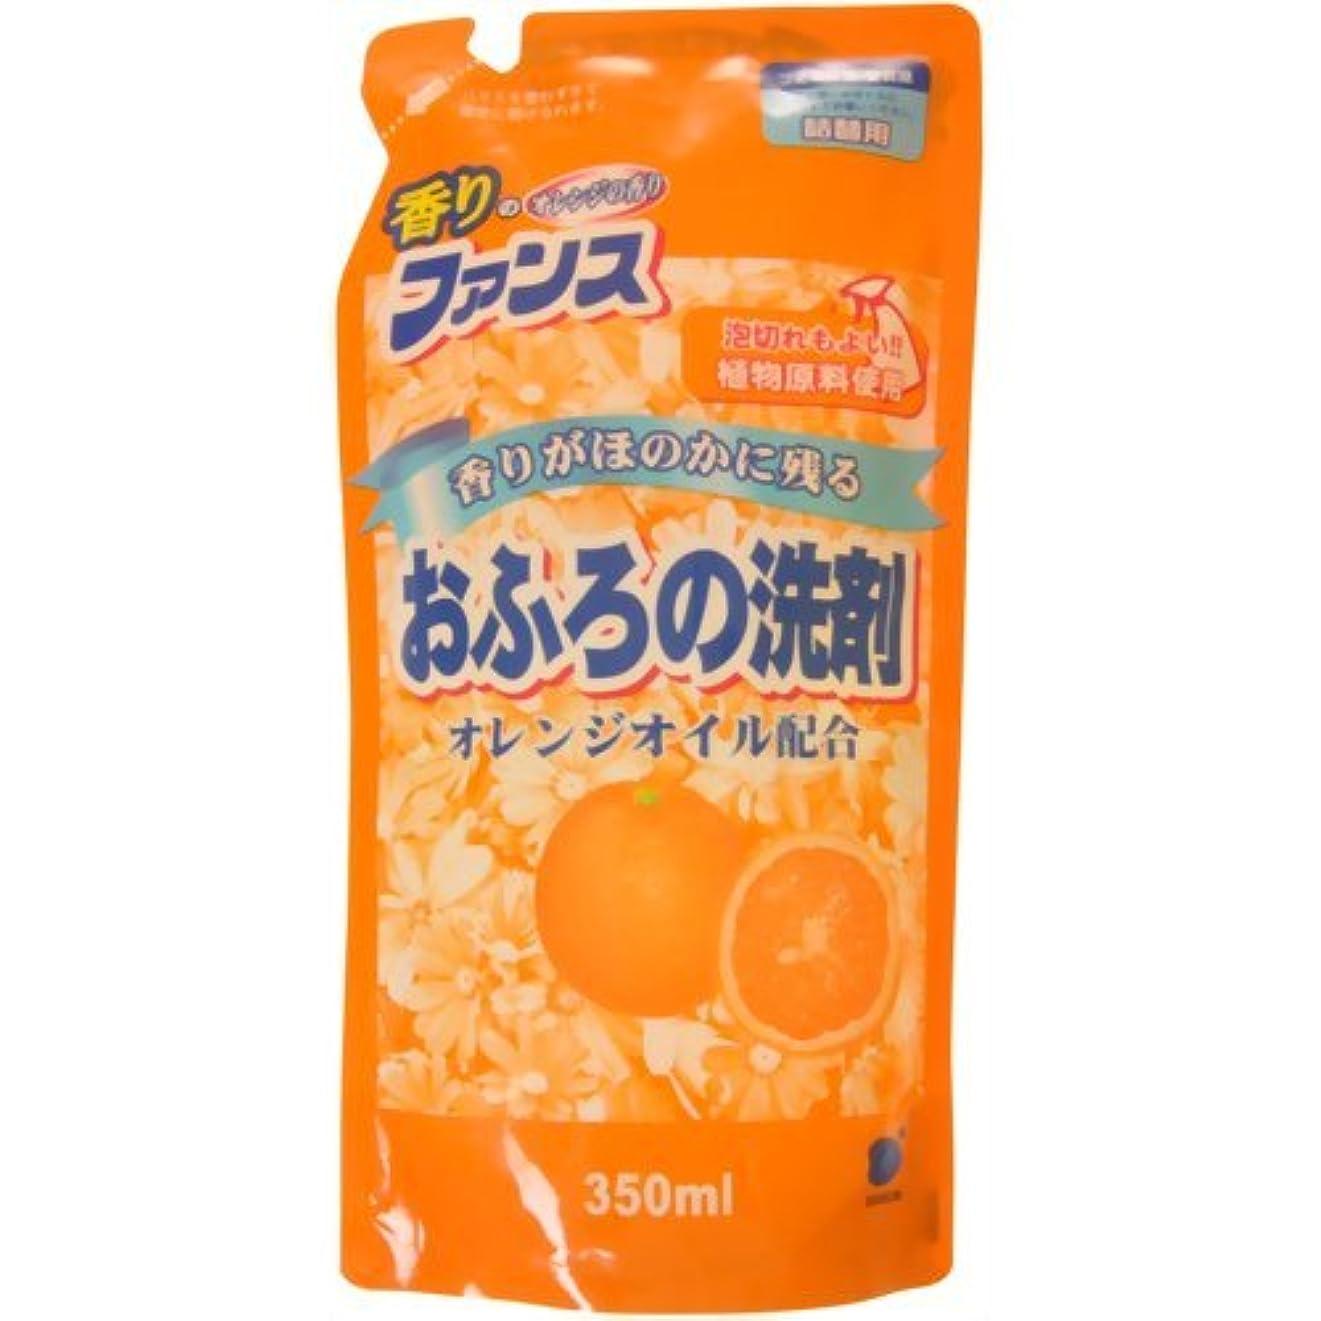 リストメール国籍香りのファンス おふろの洗剤 オレンジ つめかえ用 350ml